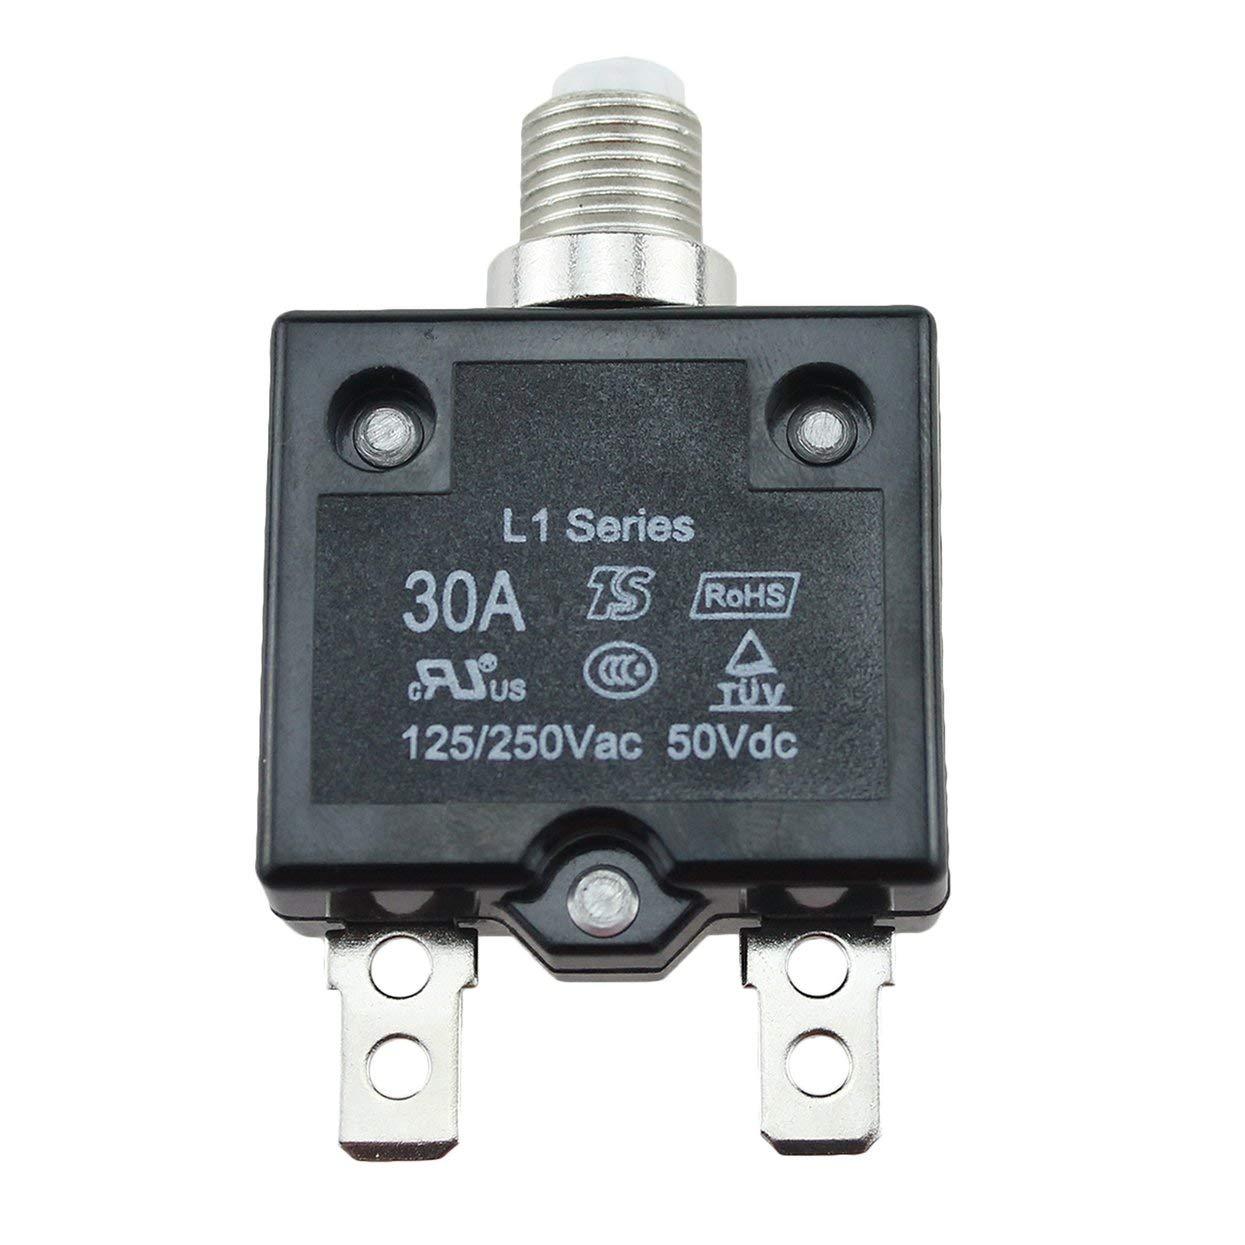 20A 15A 10A 30A Interruptor de Circuito Impermeable Bot/ón pulsable Reiniciable Fusible t/érmico Interruptor de Circuito Montaje en Panel Tree-on-Life 5A